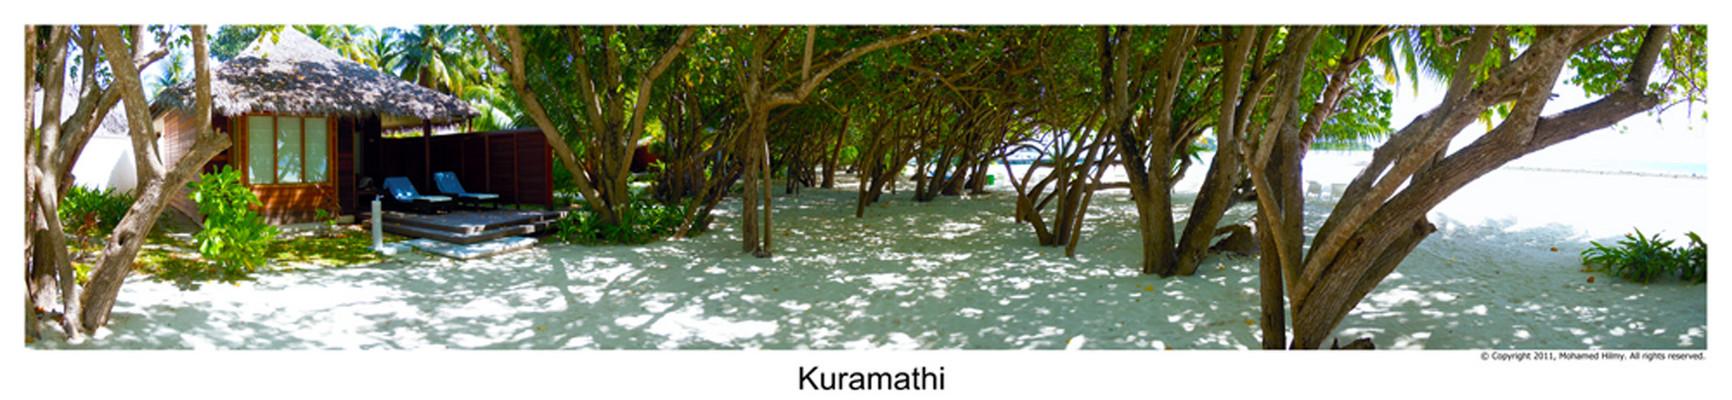 KURAMATHI